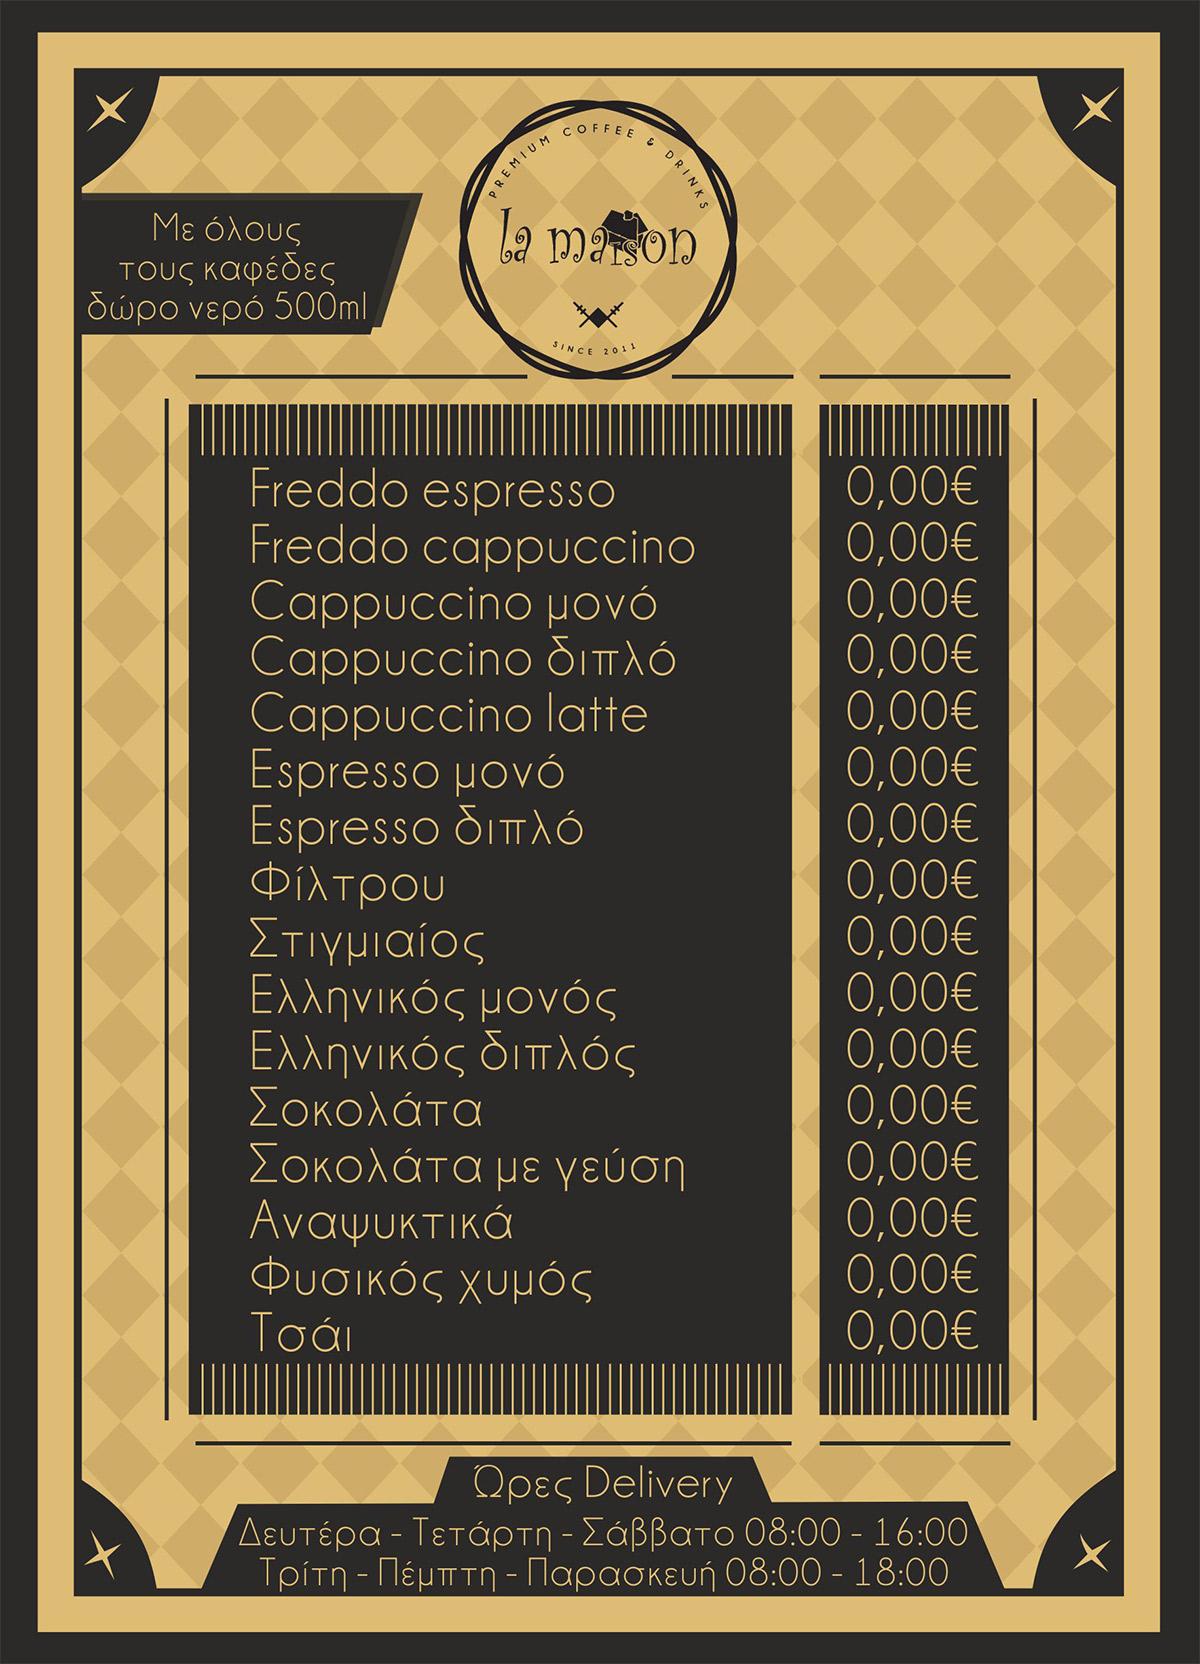 Εκτυπώσεις - Φωτοτυπίες - Γραφιστικά   Copyshop2.gr - Πετρούπολη   La maison